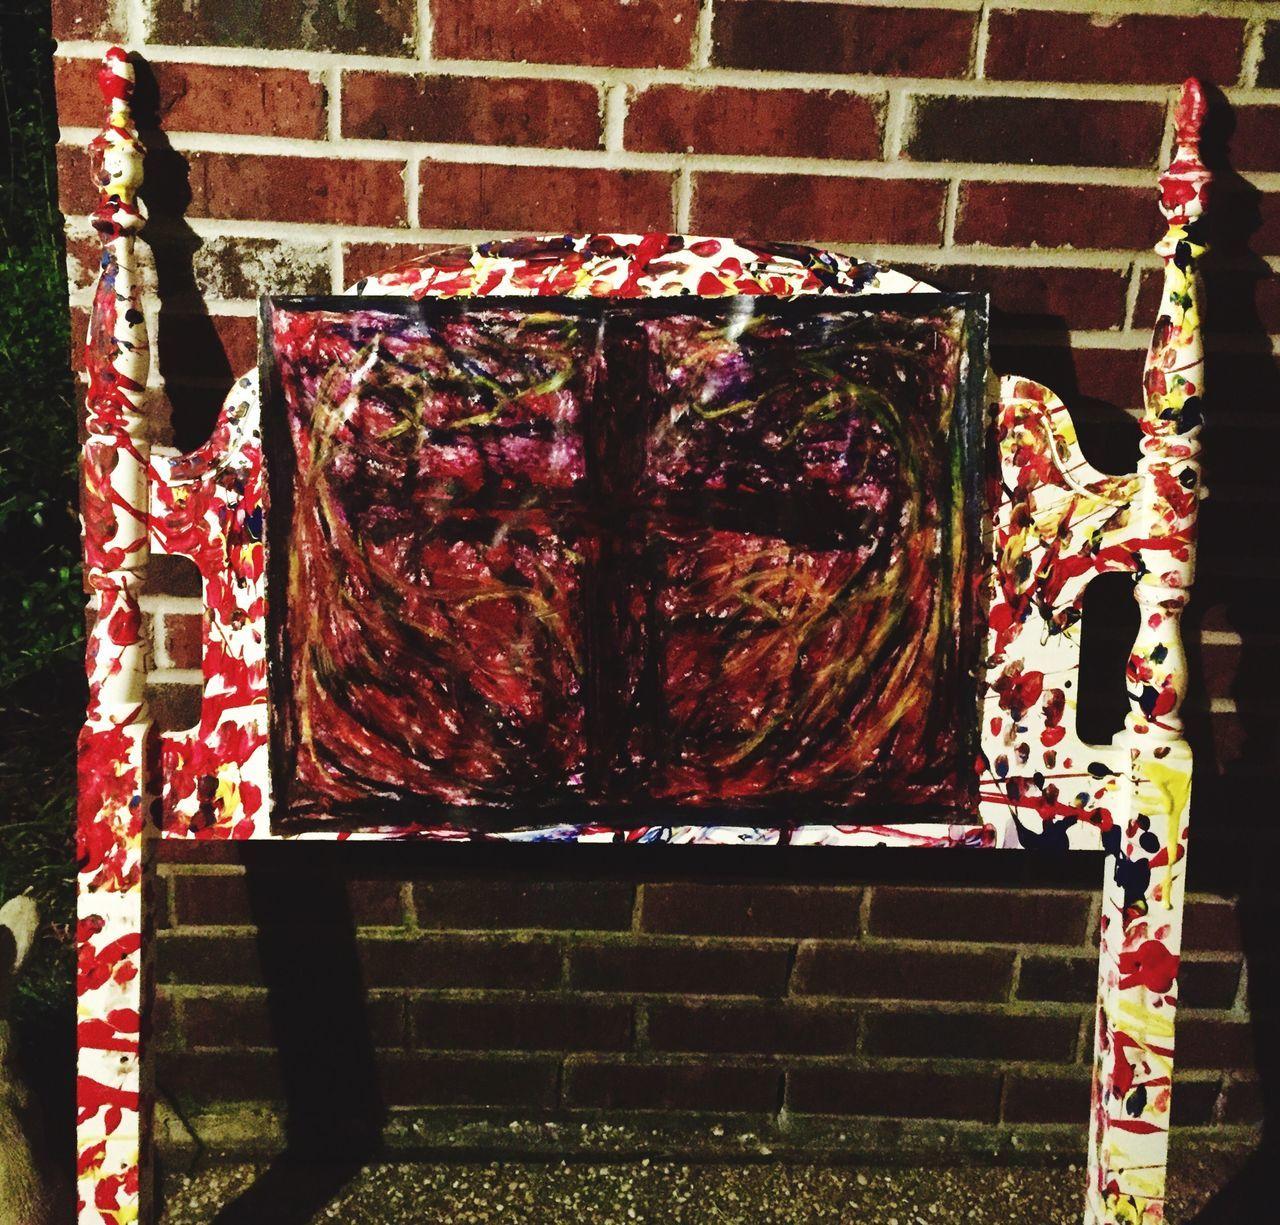 No People Outdoors Built Structure Art Piece Sacrifice Survivors